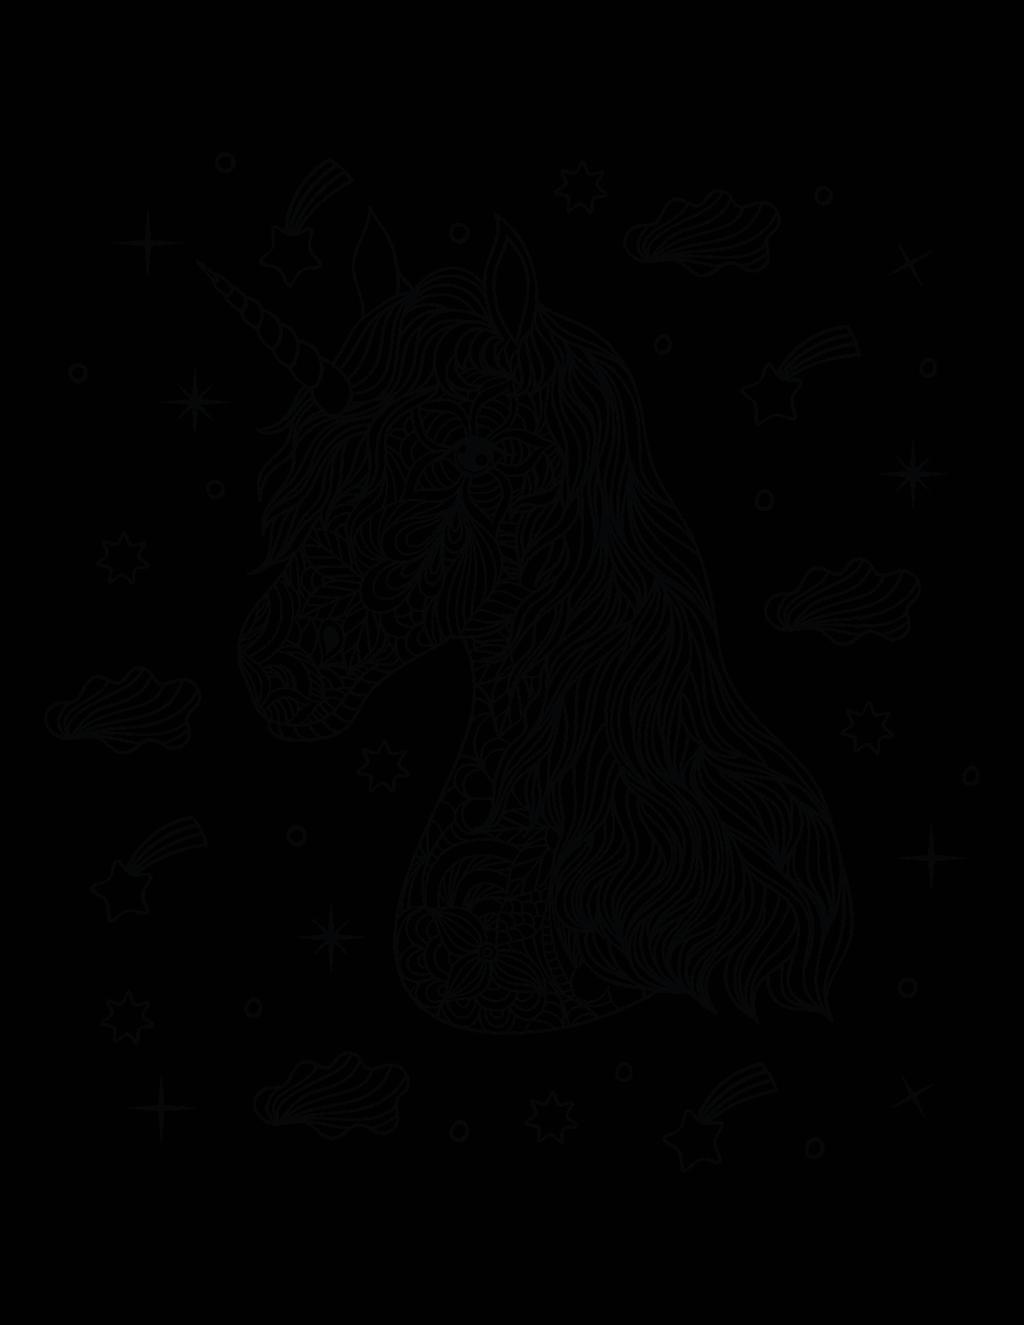 unicorn-kleurplaat-moeilijk-02